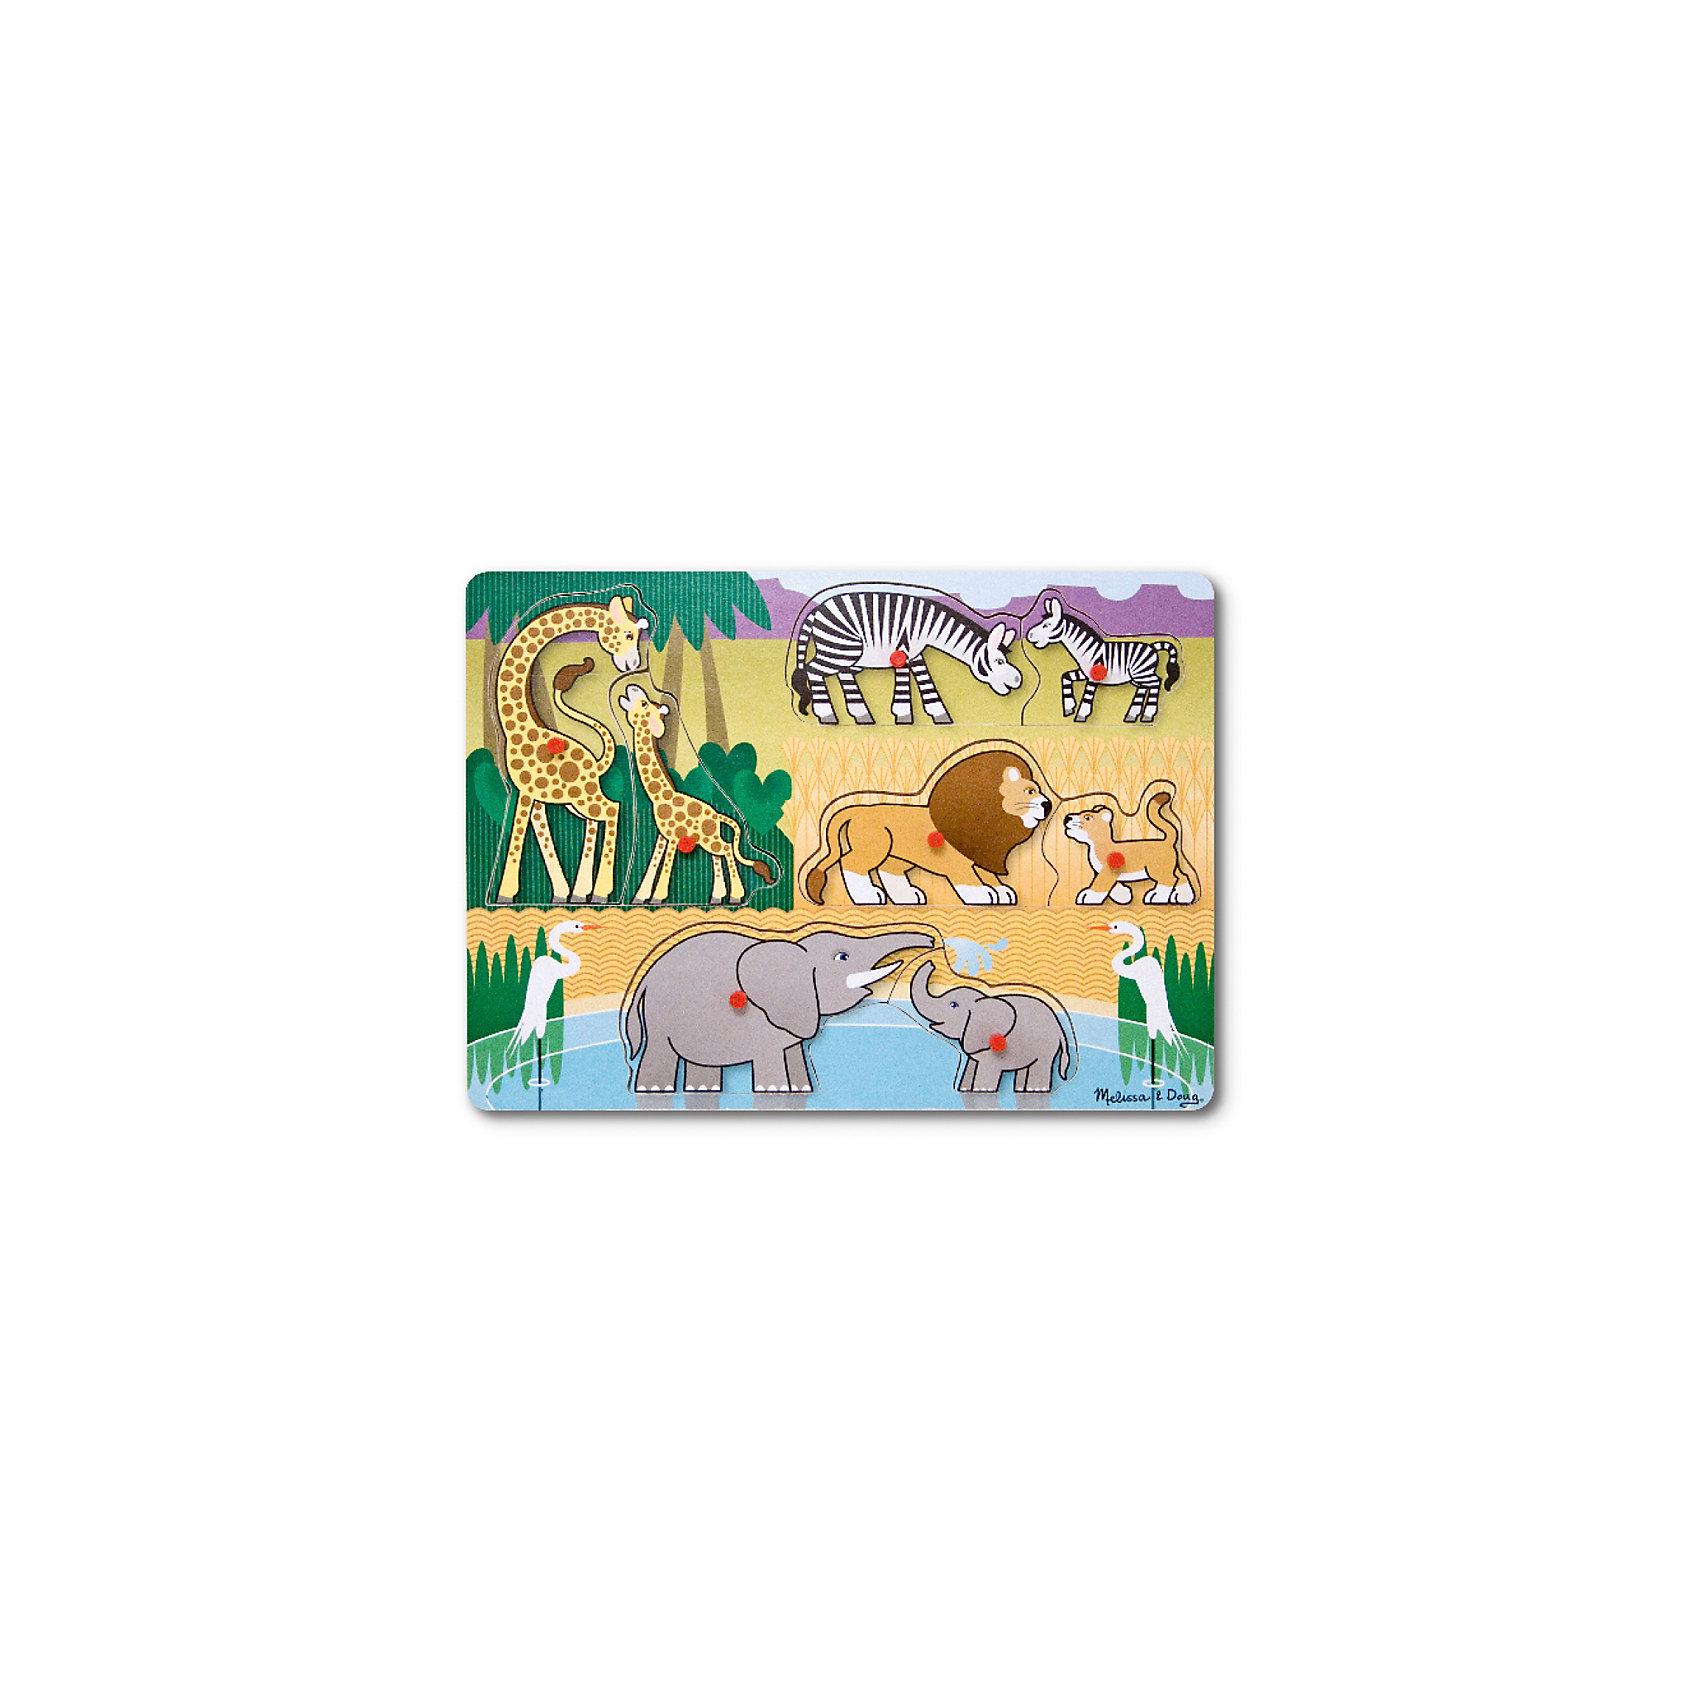 Рамка-вкладыш Сафари с кнопкой, 8 деталей, Melissa &amp; DougДеревянные игры и пазлы<br>Пазл Сафари с кнопкой, 8 деталей, Melissa &amp; Doug (Мелисса и Даг) –  это уникальный познавательный пазл для вашего малыша.<br>Деревянный пазл Сафари из восьми фигурок животных станет первым любимым пазлом вашего малыша. Ребенку будет интересно отыскать родителей для всех животных-детенышей, представленных на этом пазле. В центре каждой картинки есть удобная ручка, за которую элемент пазла удобно держать и вставлять в подходящее для него место. Собирая пазл, ребенок развивает мелкую моторику и логическое мышление.<br><br>Дополнительная информация:<br><br>- Количество элементов: 8<br>- Материал: дерево<br>- Размер: 30х22х1 см.<br><br>Пазл Сафари с кнопкой, 8 деталей, Melissa &amp; Doug (Мелисса и Даг) можно купить в нашем интернет-магазине.<br><br>Ширина мм: 100<br>Глубина мм: 300<br>Высота мм: 220<br>Вес г: 407<br>Возраст от месяцев: 24<br>Возраст до месяцев: 48<br>Пол: Унисекс<br>Возраст: Детский<br>Количество деталей: 8<br>SKU: 4005799